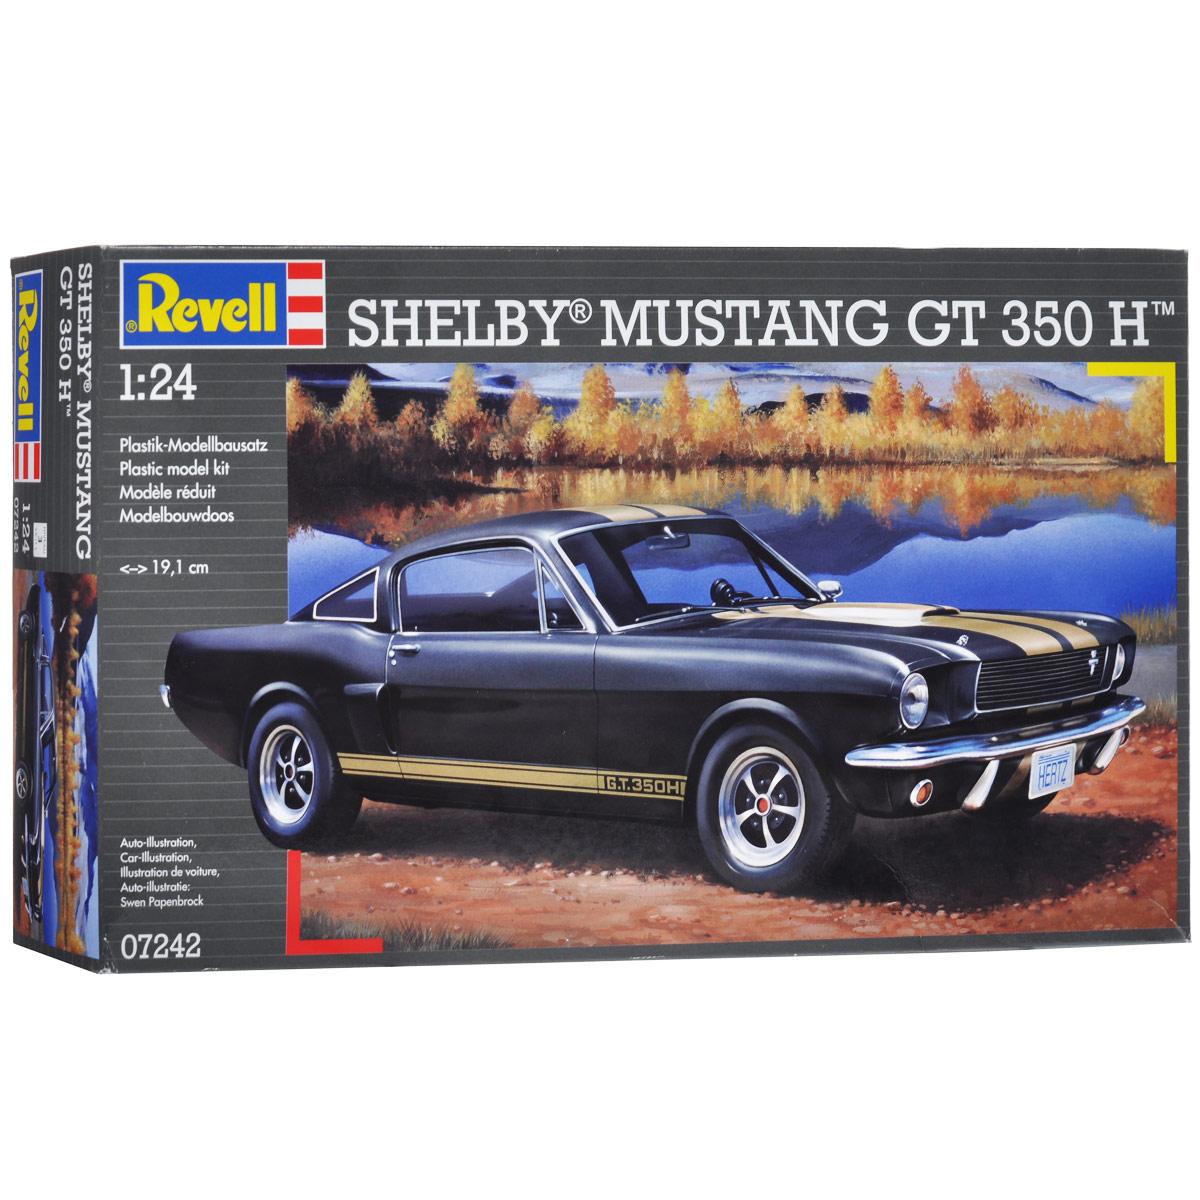 """Сборная модель Revell """"Автомобиль Shelby Mustang GT 350 H"""" поможет вам и вашему ребенку придумать увлекательное занятие на долгое время. Набор включает в себя 86 пластиковых элементов, из которых можно собрать достоверную уменьшенную копию одноименного американского спортивного автомобиля. Также в наборе схематичная инструкция по сборке. Процесс сборки развивает интеллектуальные и инструментальные способности, воображение и конструктивное мышление, а также прививает практические навыки работы со схемами и чертежами. Уровень сложности: 3. УВАЖАЕМЫЕ КЛИЕНТЫ! Обращаем ваше внимание на тот факт, что элементы для сборки не покрашены. Клей и краски в комплект не входят."""